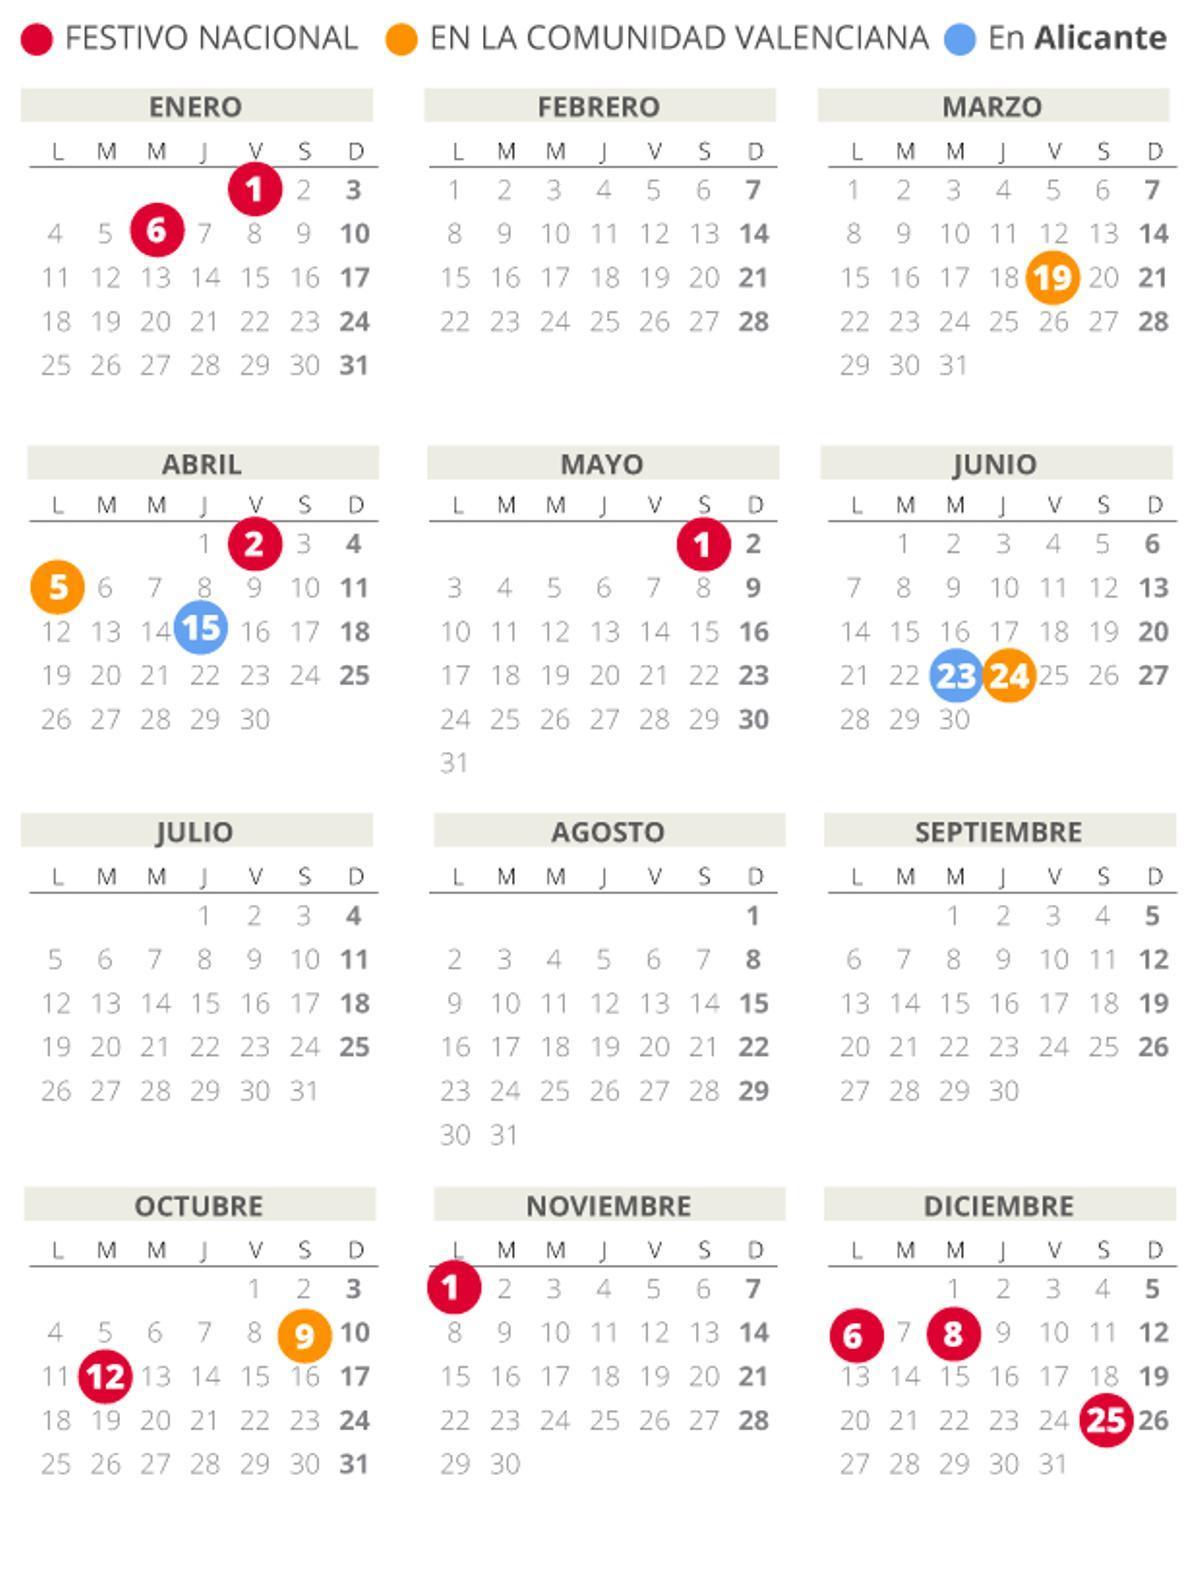 Calendario laboral de Alicante del 2021.